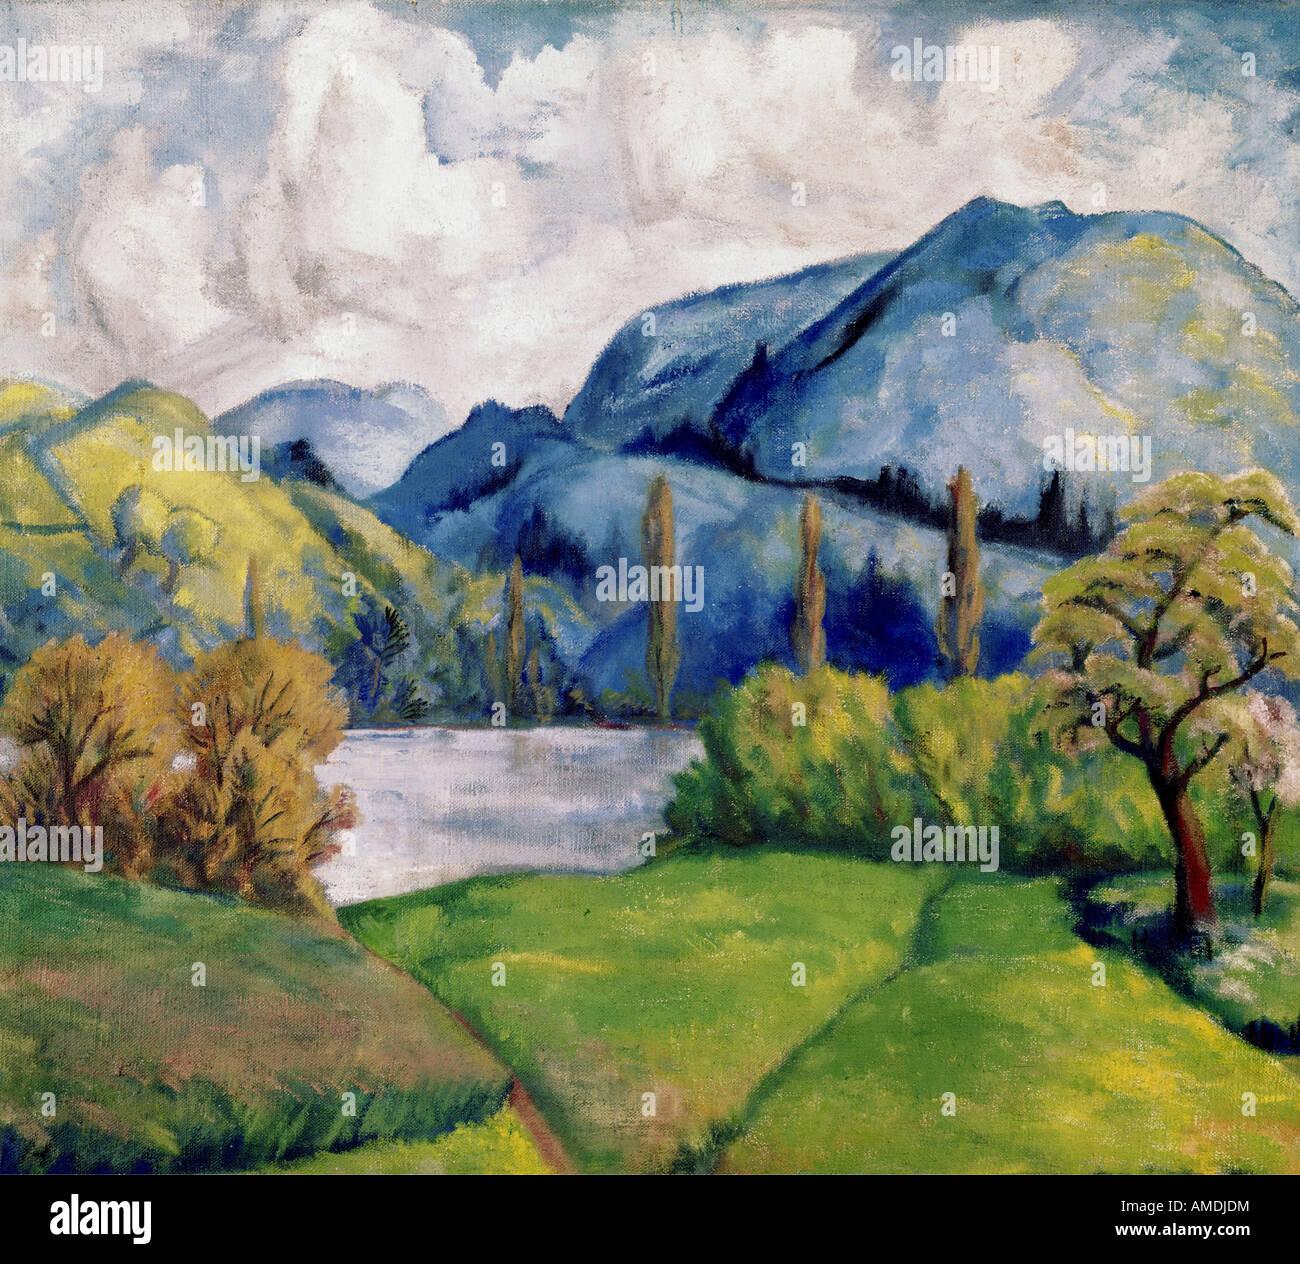 Bildende Kunst, Cezanne, Paul, (1839-1906), Malerei, Kunsthaus Zürich, Französisch, Impressionsm, Natur, Baum, Bäume, Stockfoto